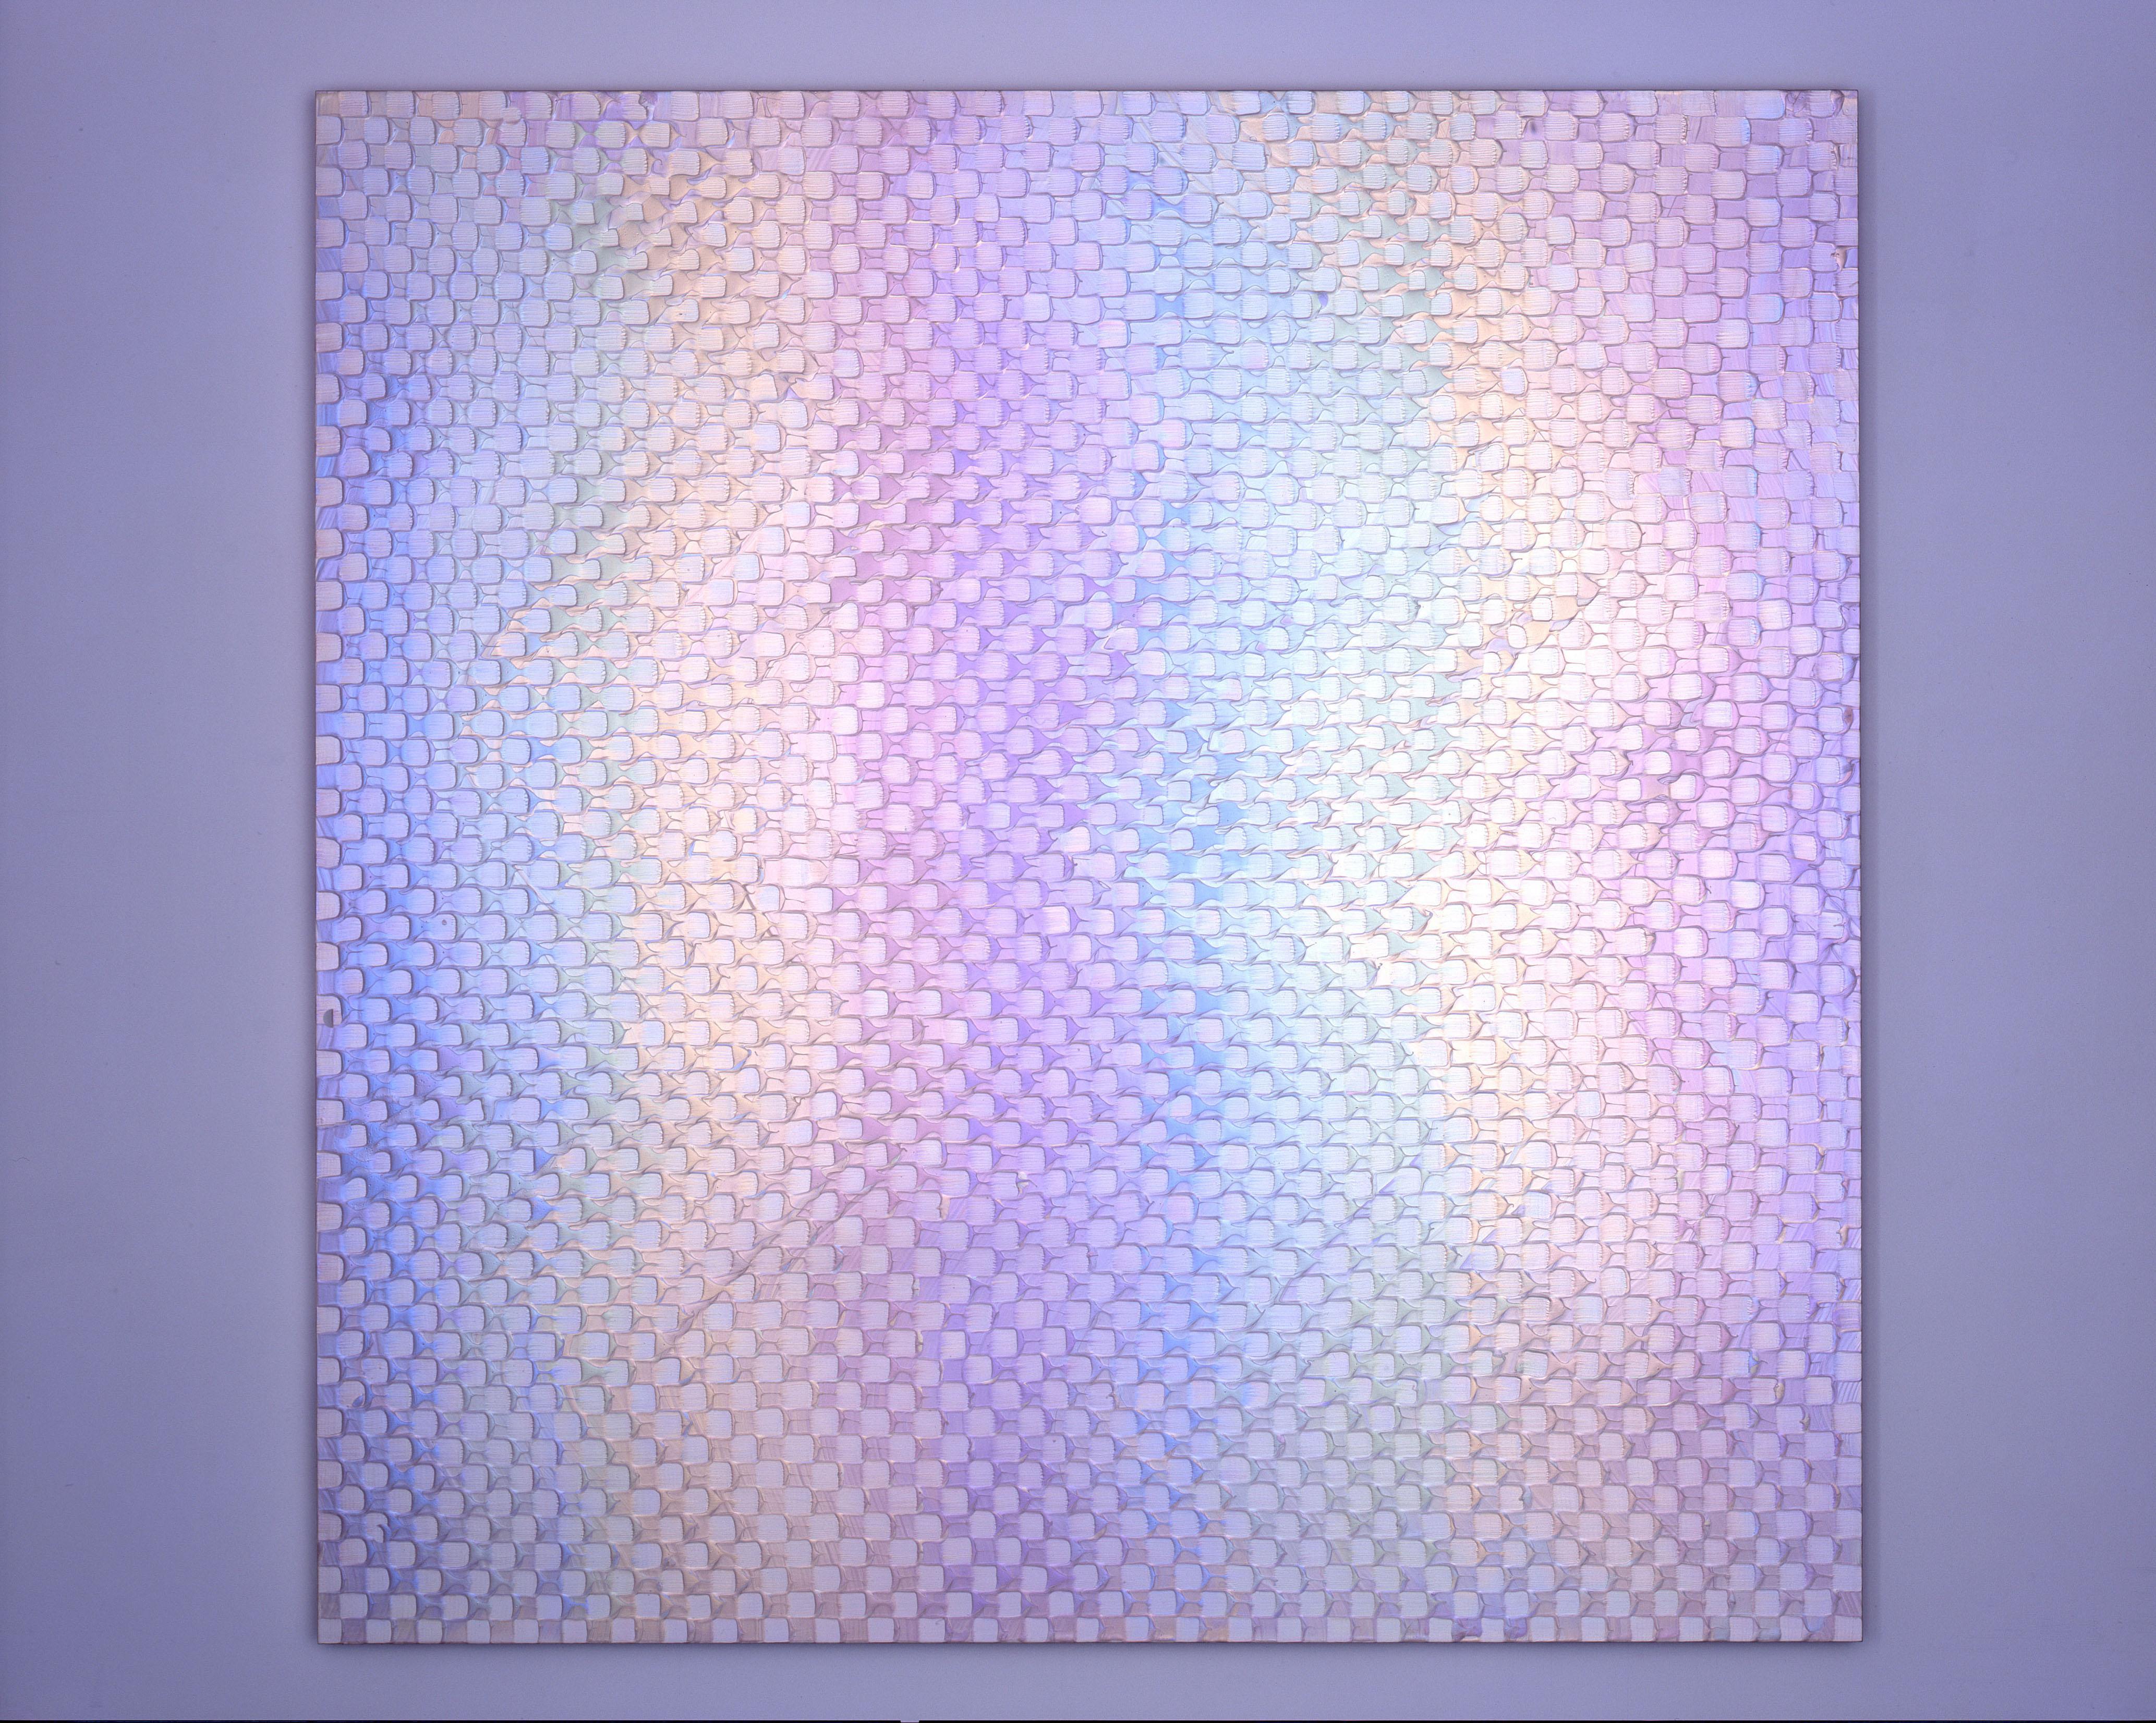 UROBOROS(spectrum)